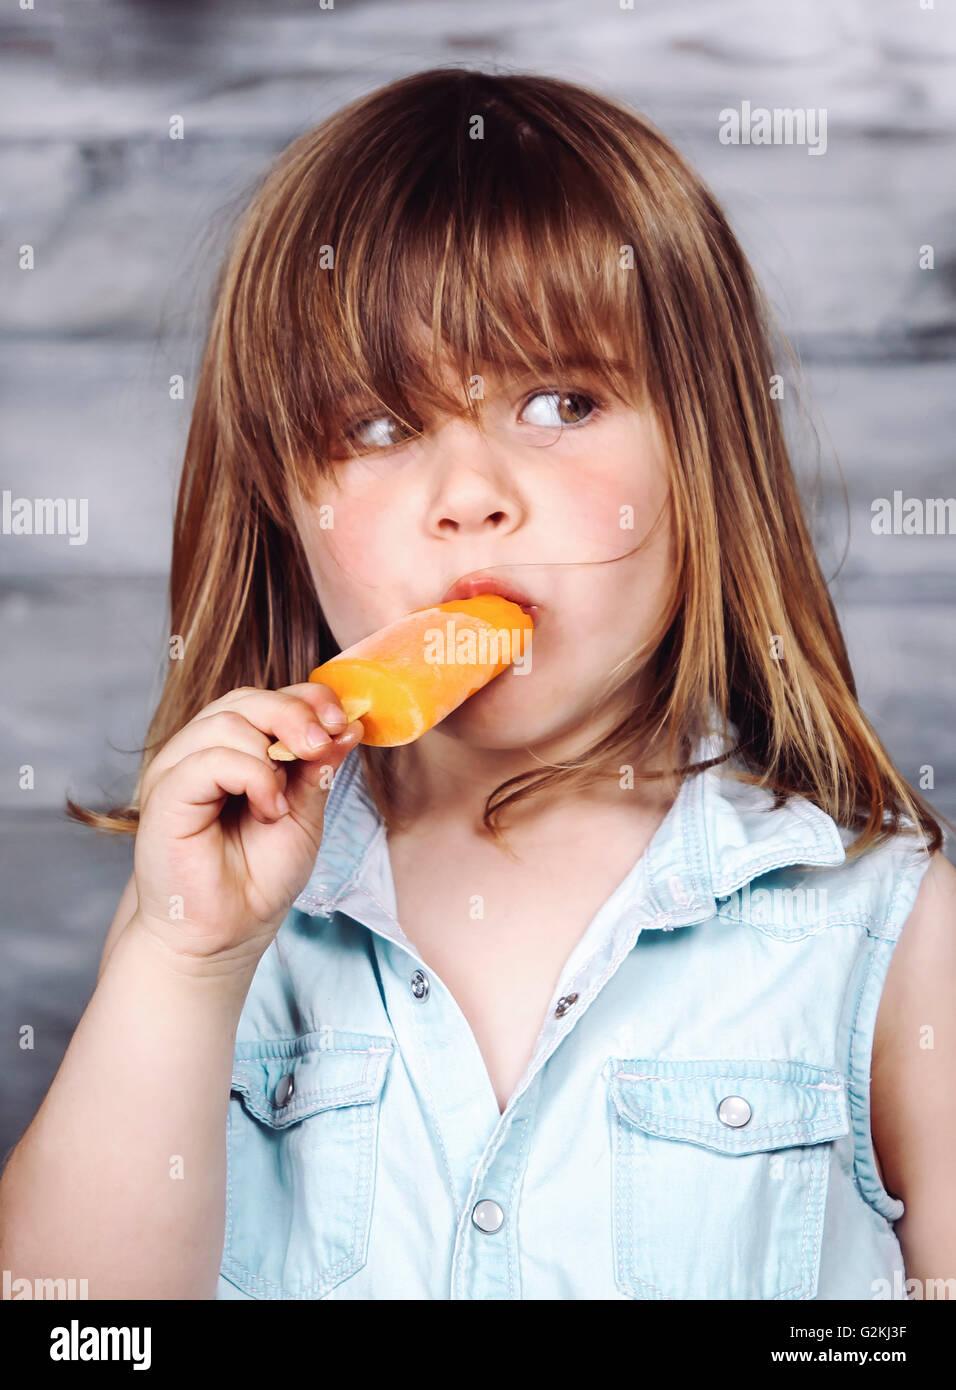 Delicious Ice Cream Cone Little Girl Stock Photo 145220722 ...